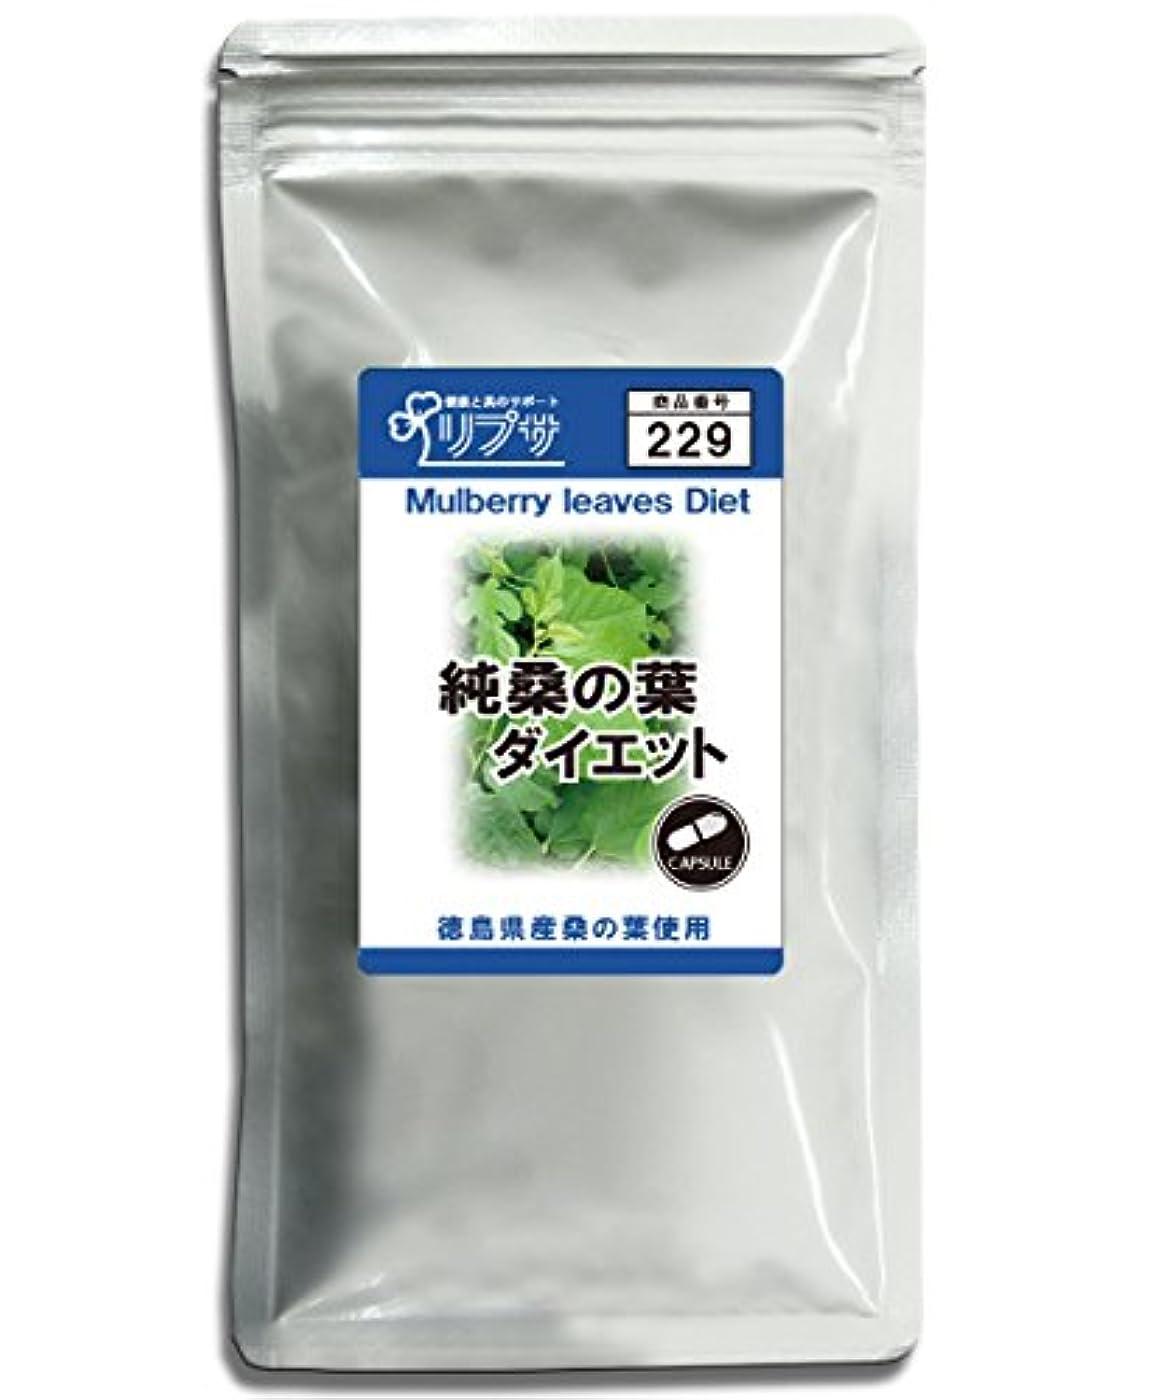 活性化を必要としていますオプション純桑の葉ダイエット 約3か月分 C-229